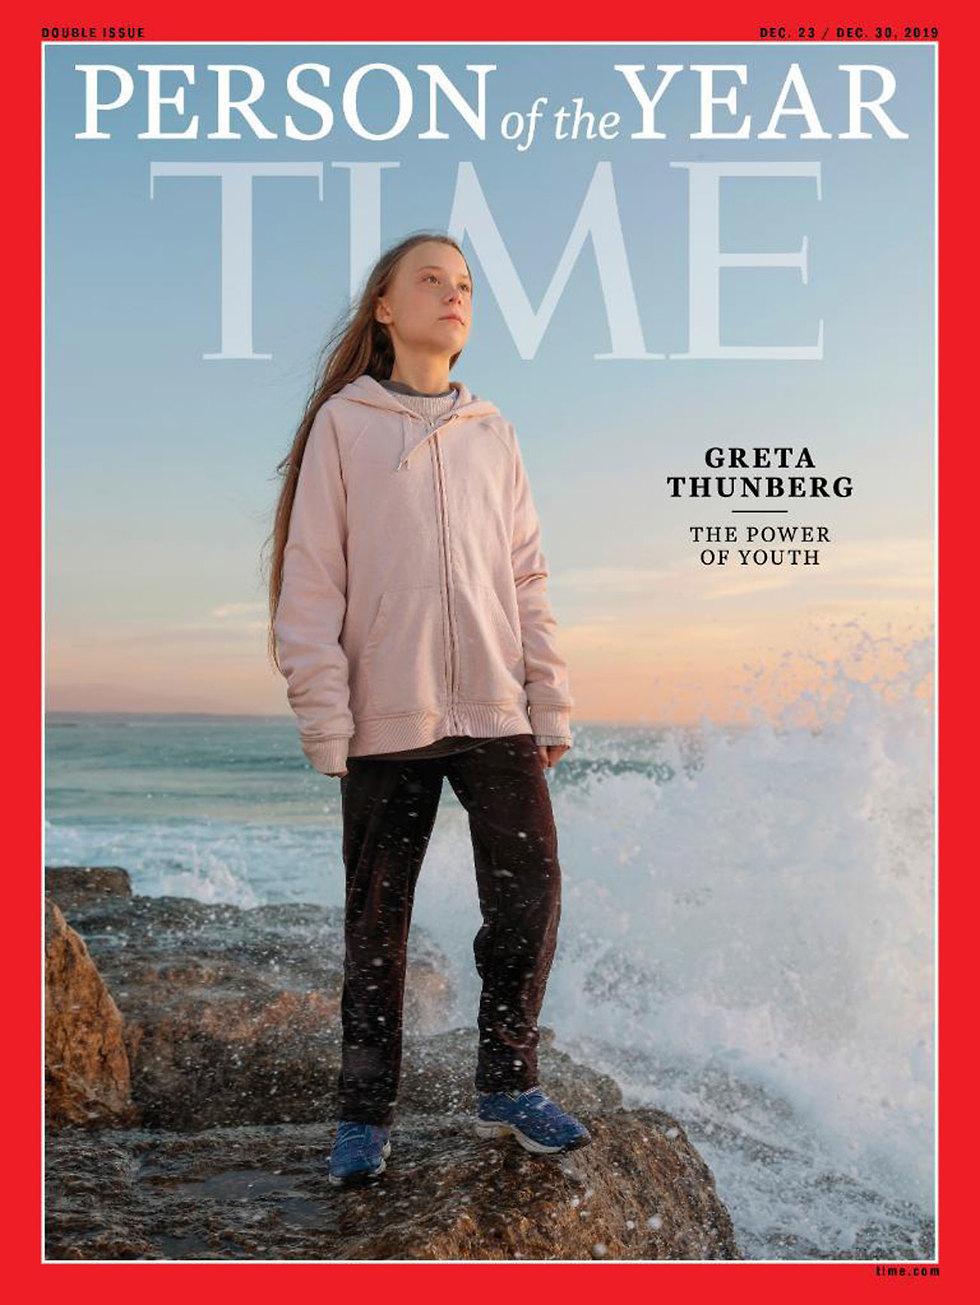 גרטה טונברג פעילת אקלים נערה שבדית כדור הארץ  ()